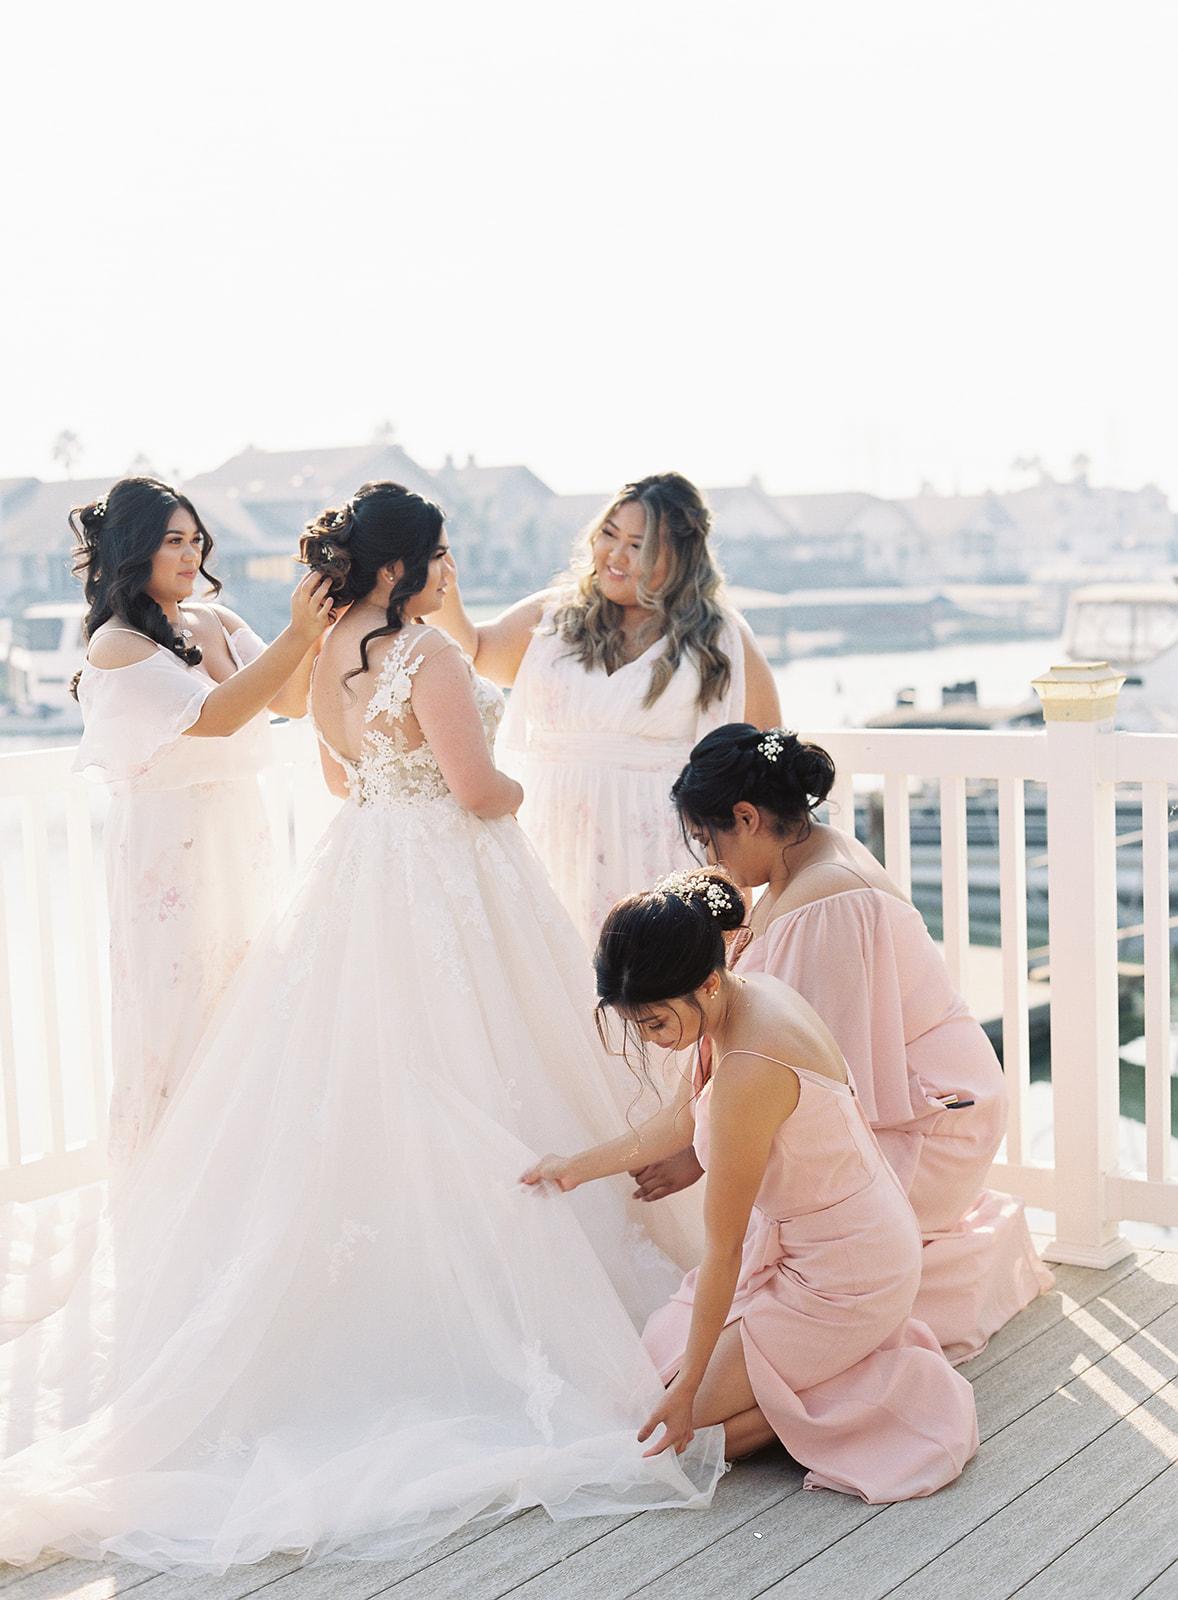 NathalieChengPhotography_AiahMichael_Wedding_013.jpg